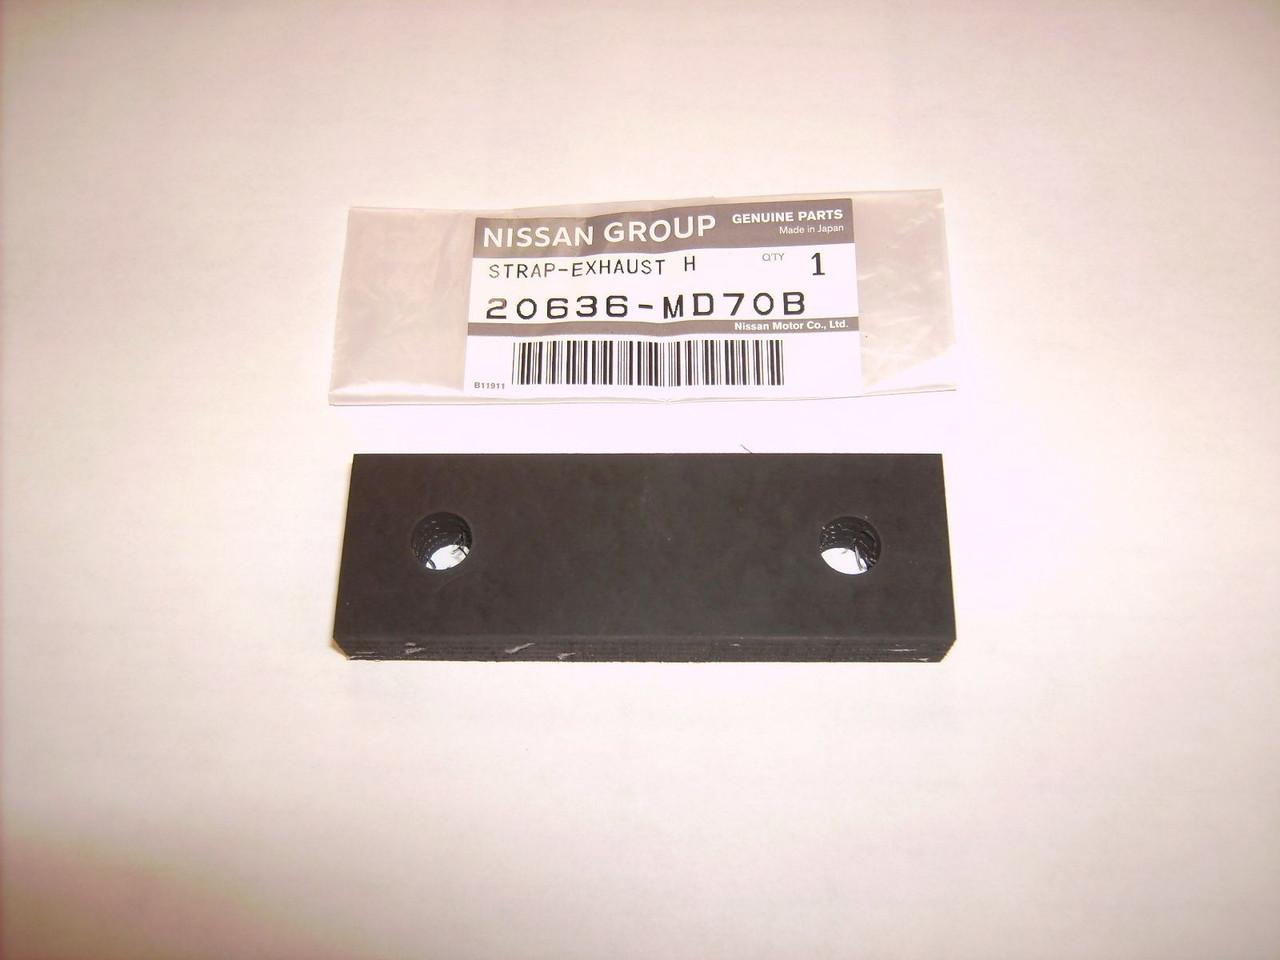 20636-MD70B